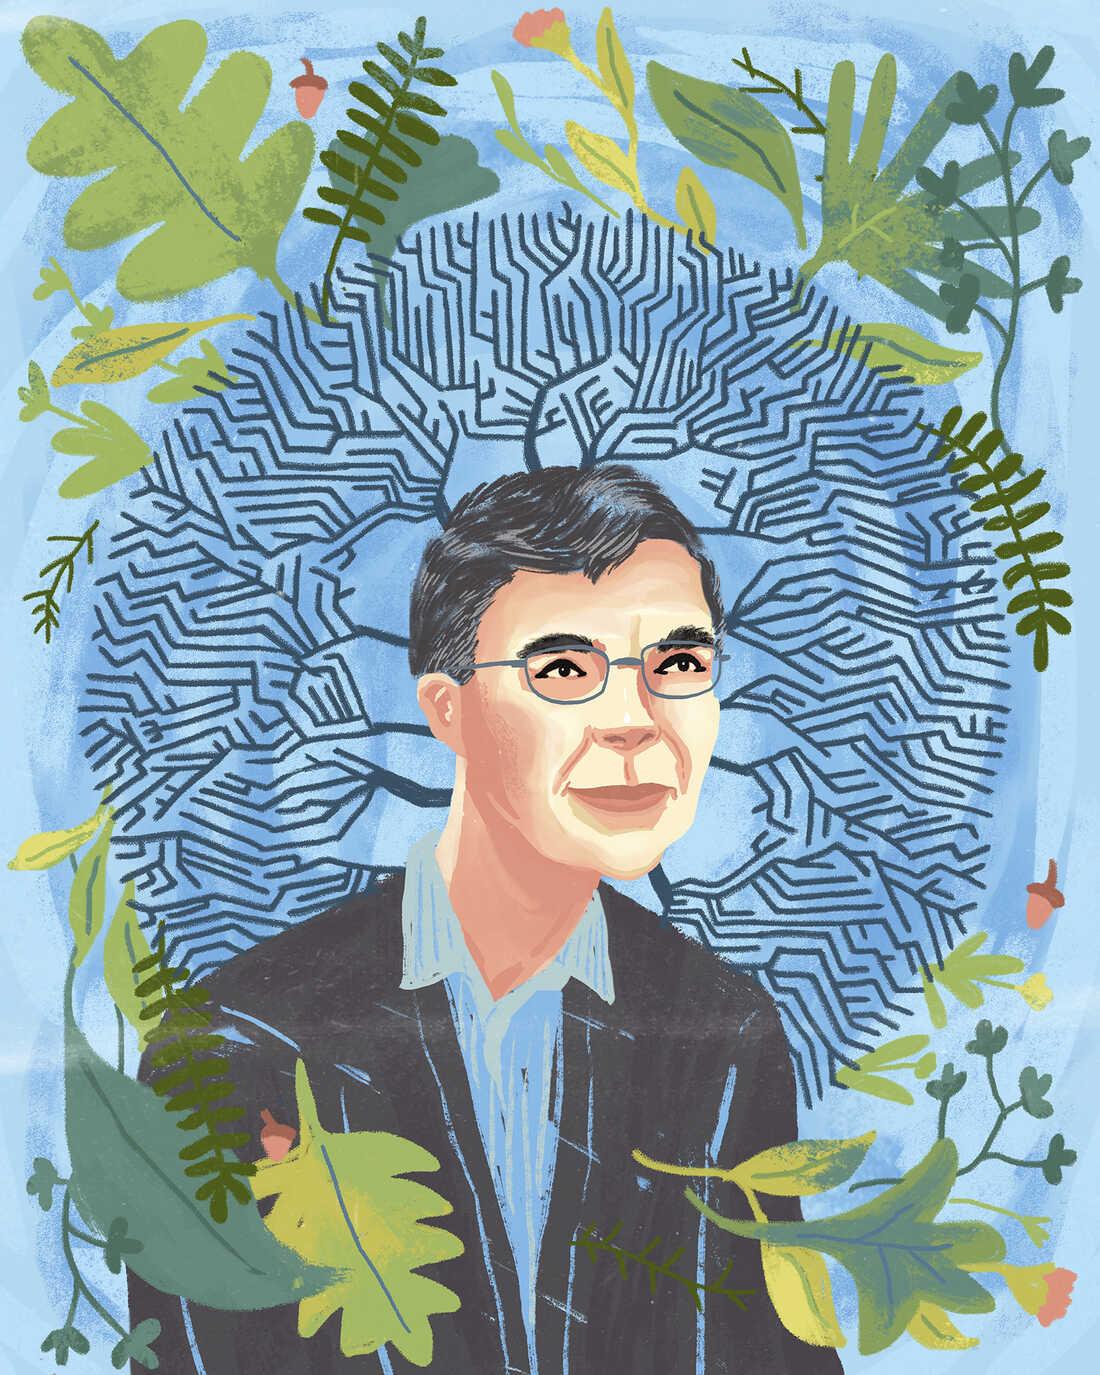 Illustrated portrait of Carl Wieman